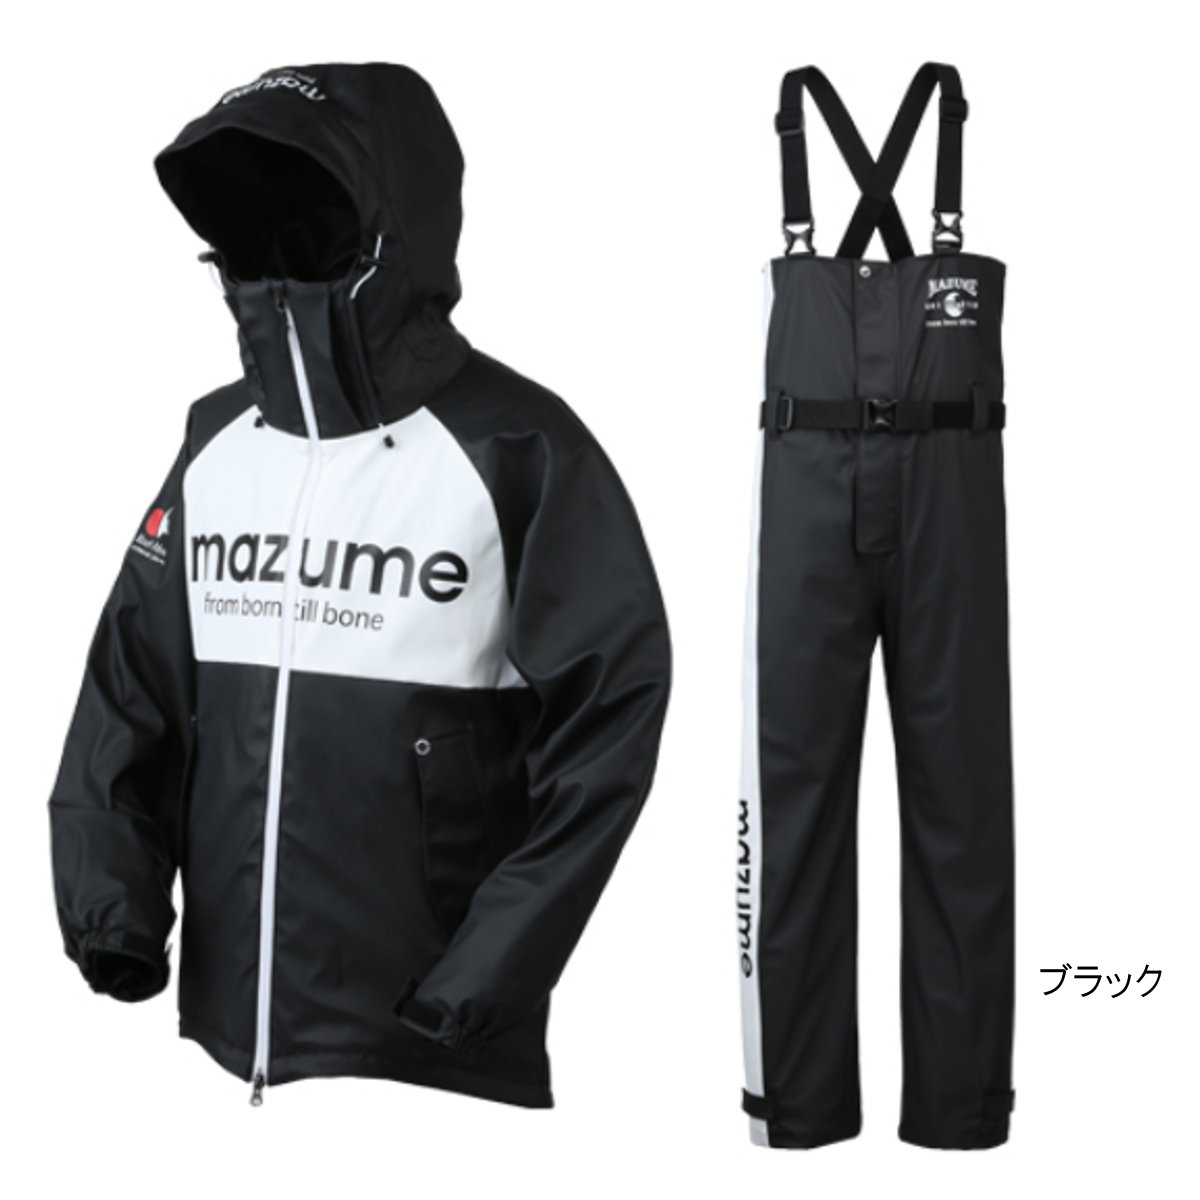 激安直営店 mazume ブラック ROUGH mazume WATER レインスーツ II レインスーツ MZRS-383 M ブラック, マルタイラーメン:0633cf39 --- canoncity.azurewebsites.net